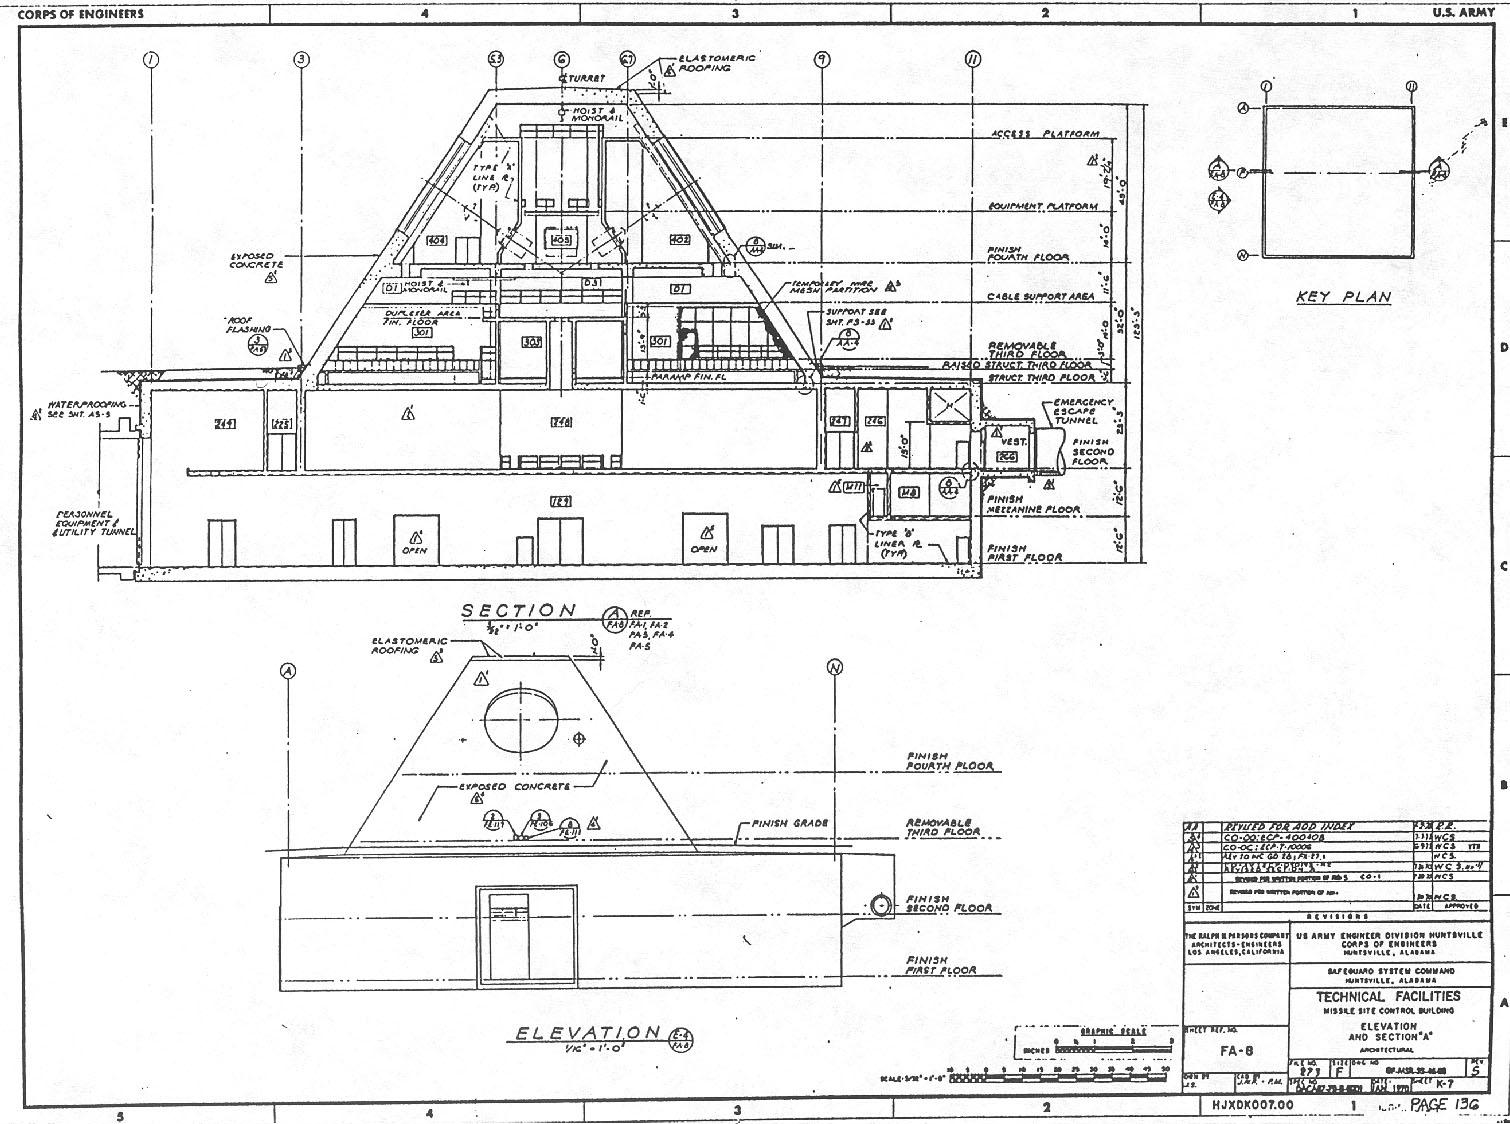 Msr Mscb Haer Descriptions And Drawings